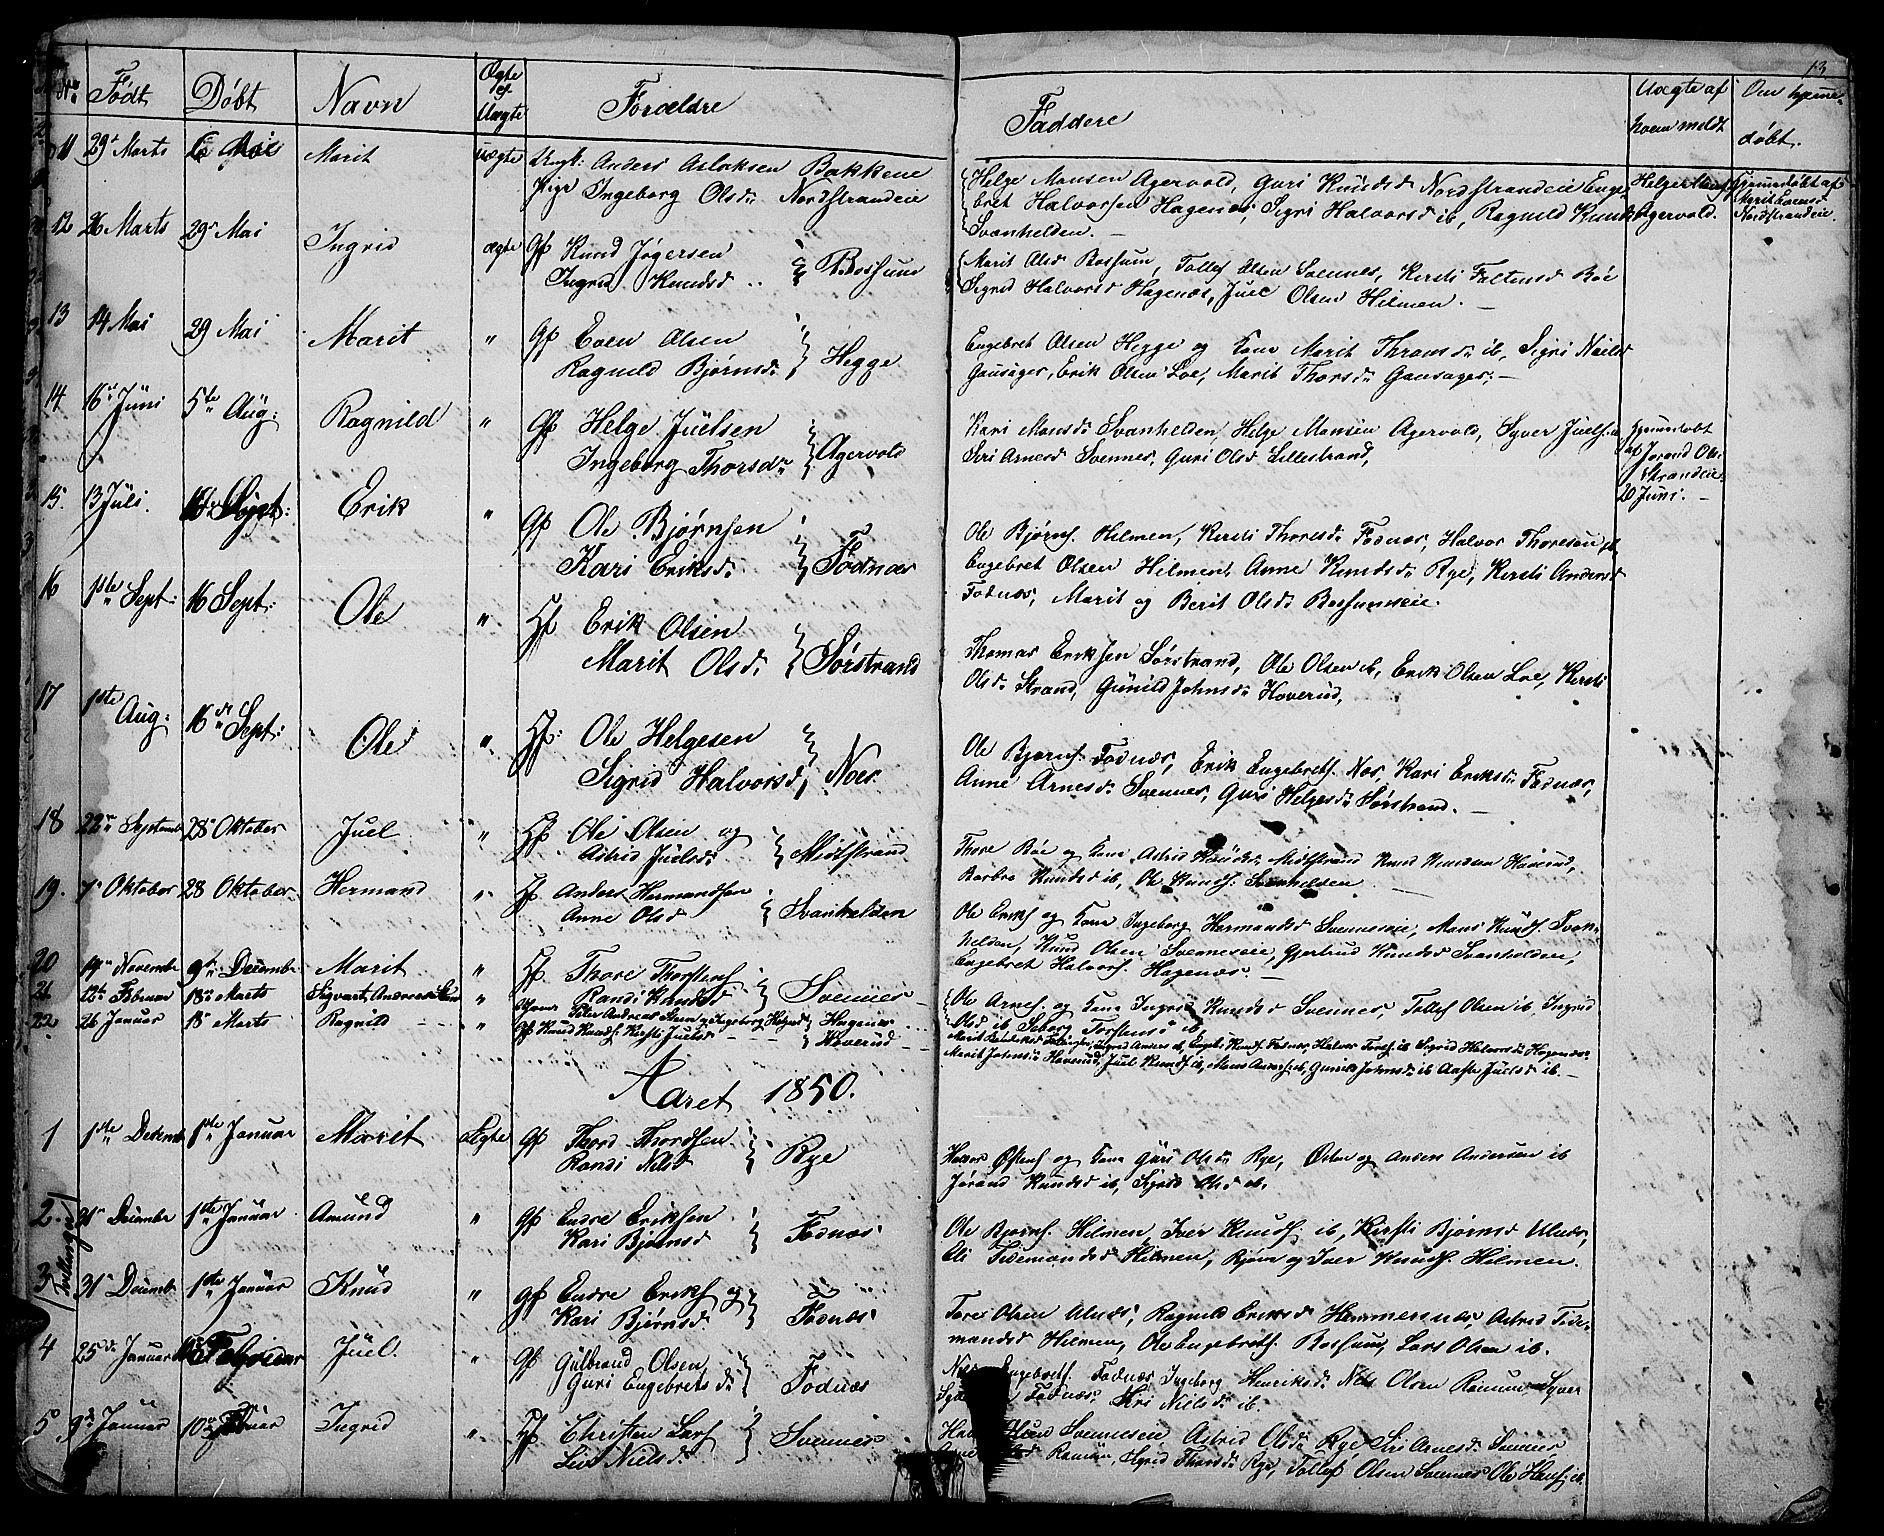 SAH, Nord-Aurdal prestekontor, Klokkerbok nr. 3, 1842-1882, s. 13